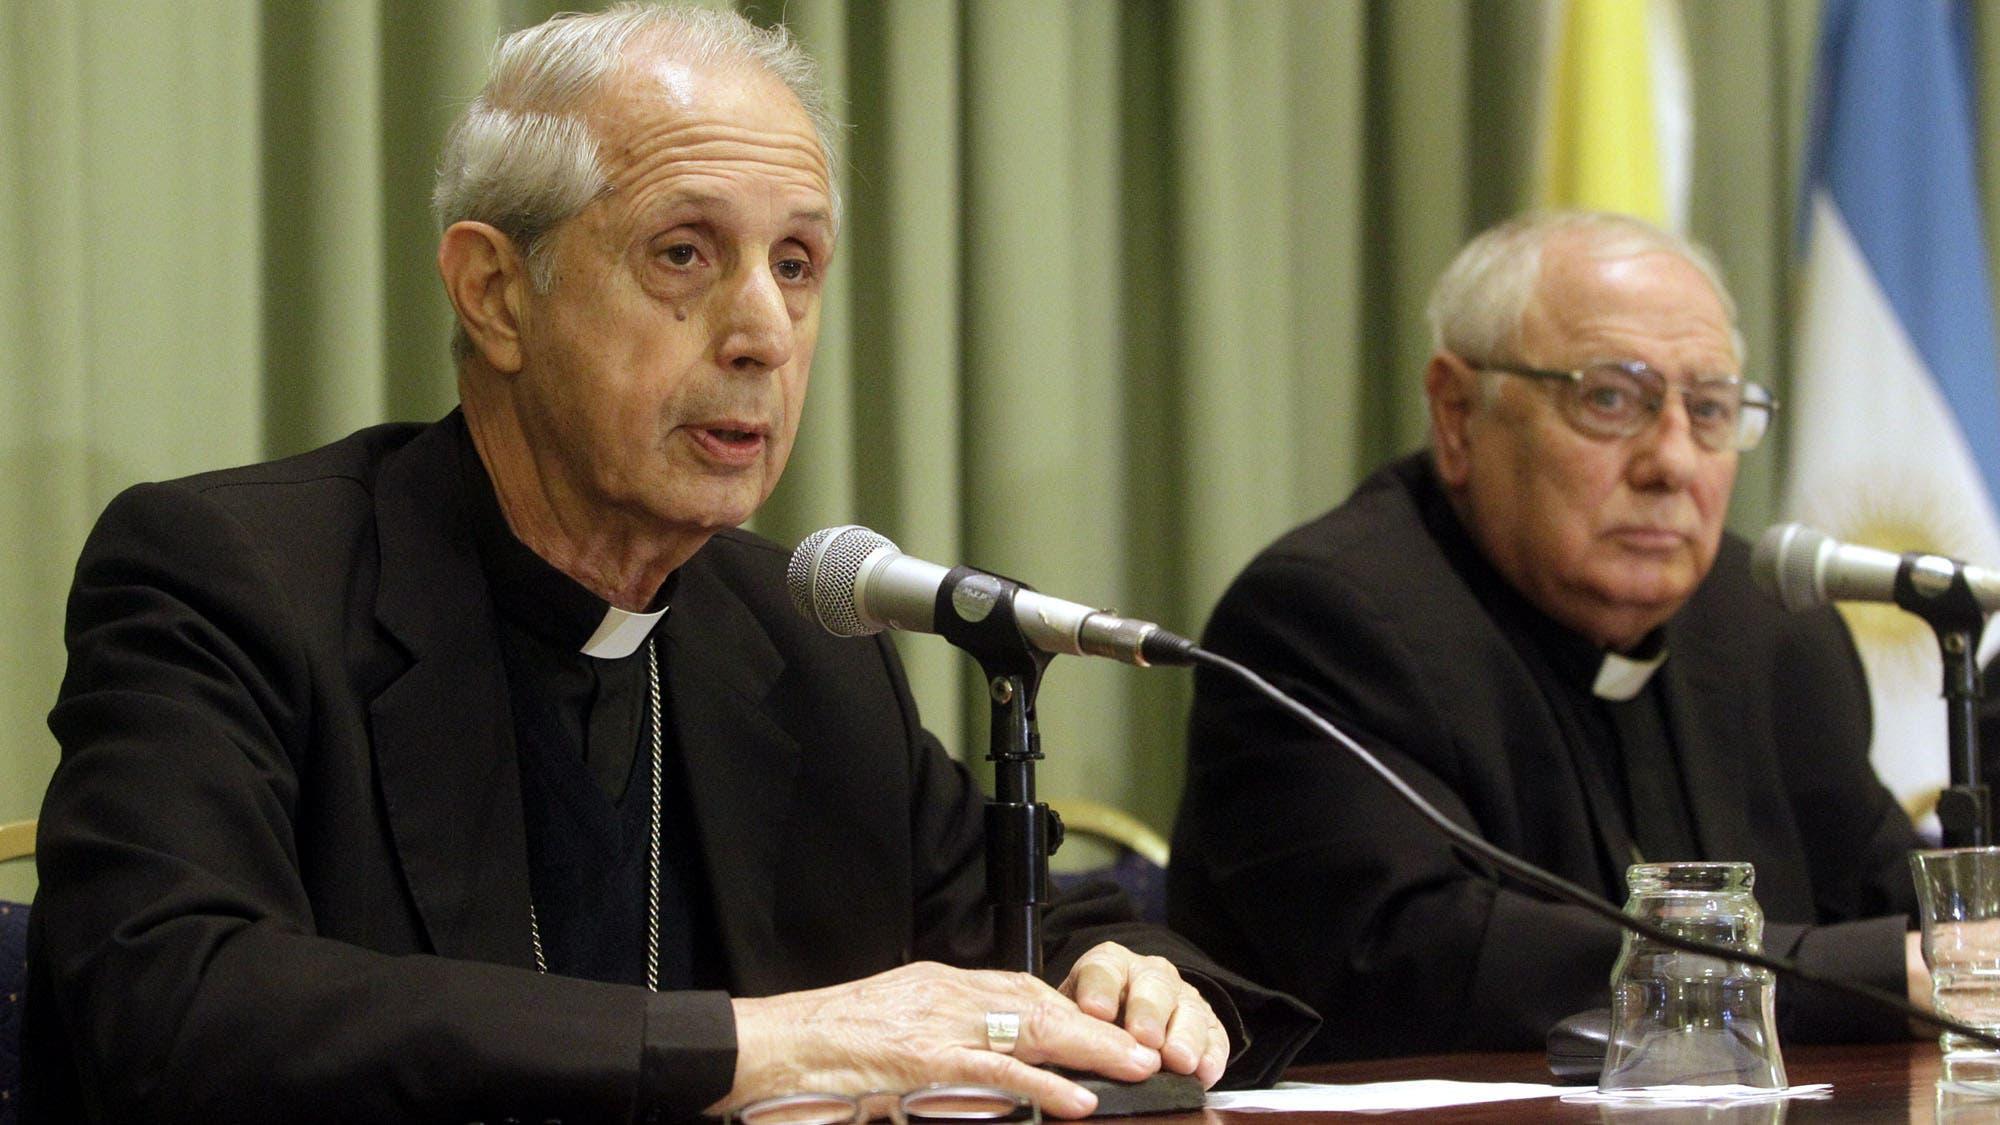 La Iglesia desclasifica unas 3000 cartas de la dictadura militar